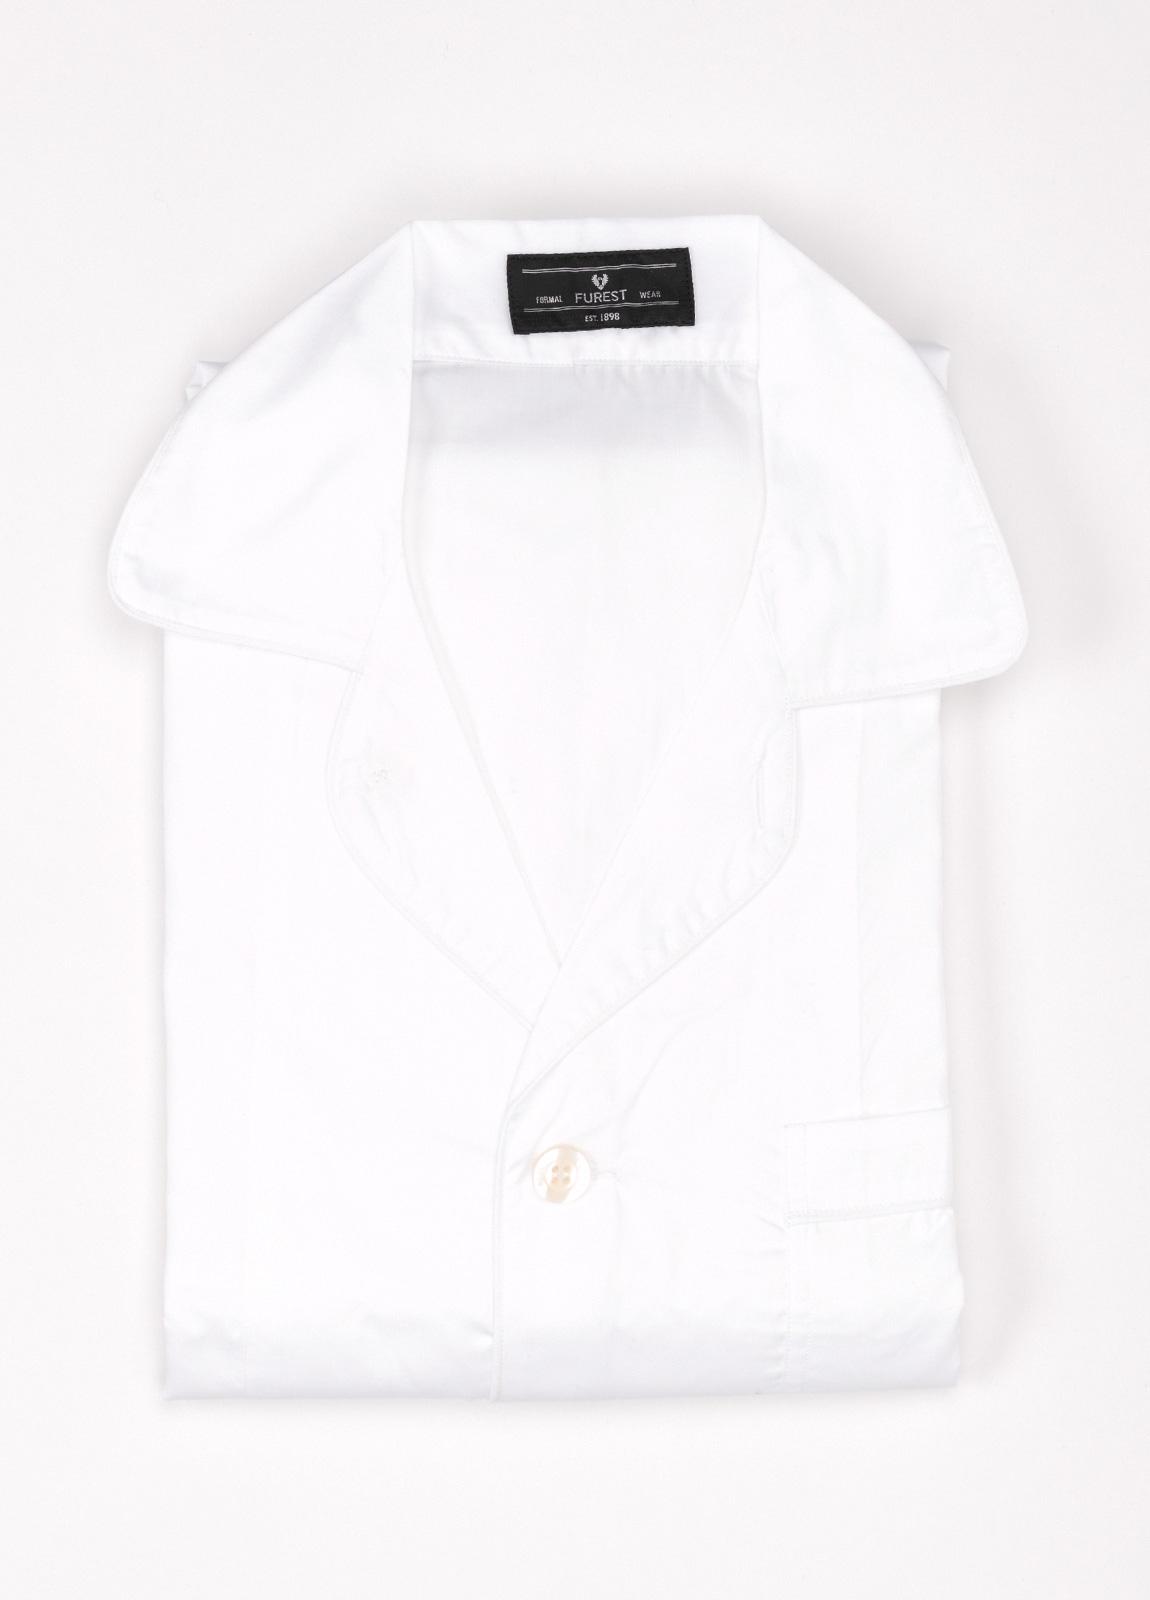 Pijama LARGO dos piezas, pantalón largo con cinta no elástica y funda incluida color blanco. 100% Algodón.